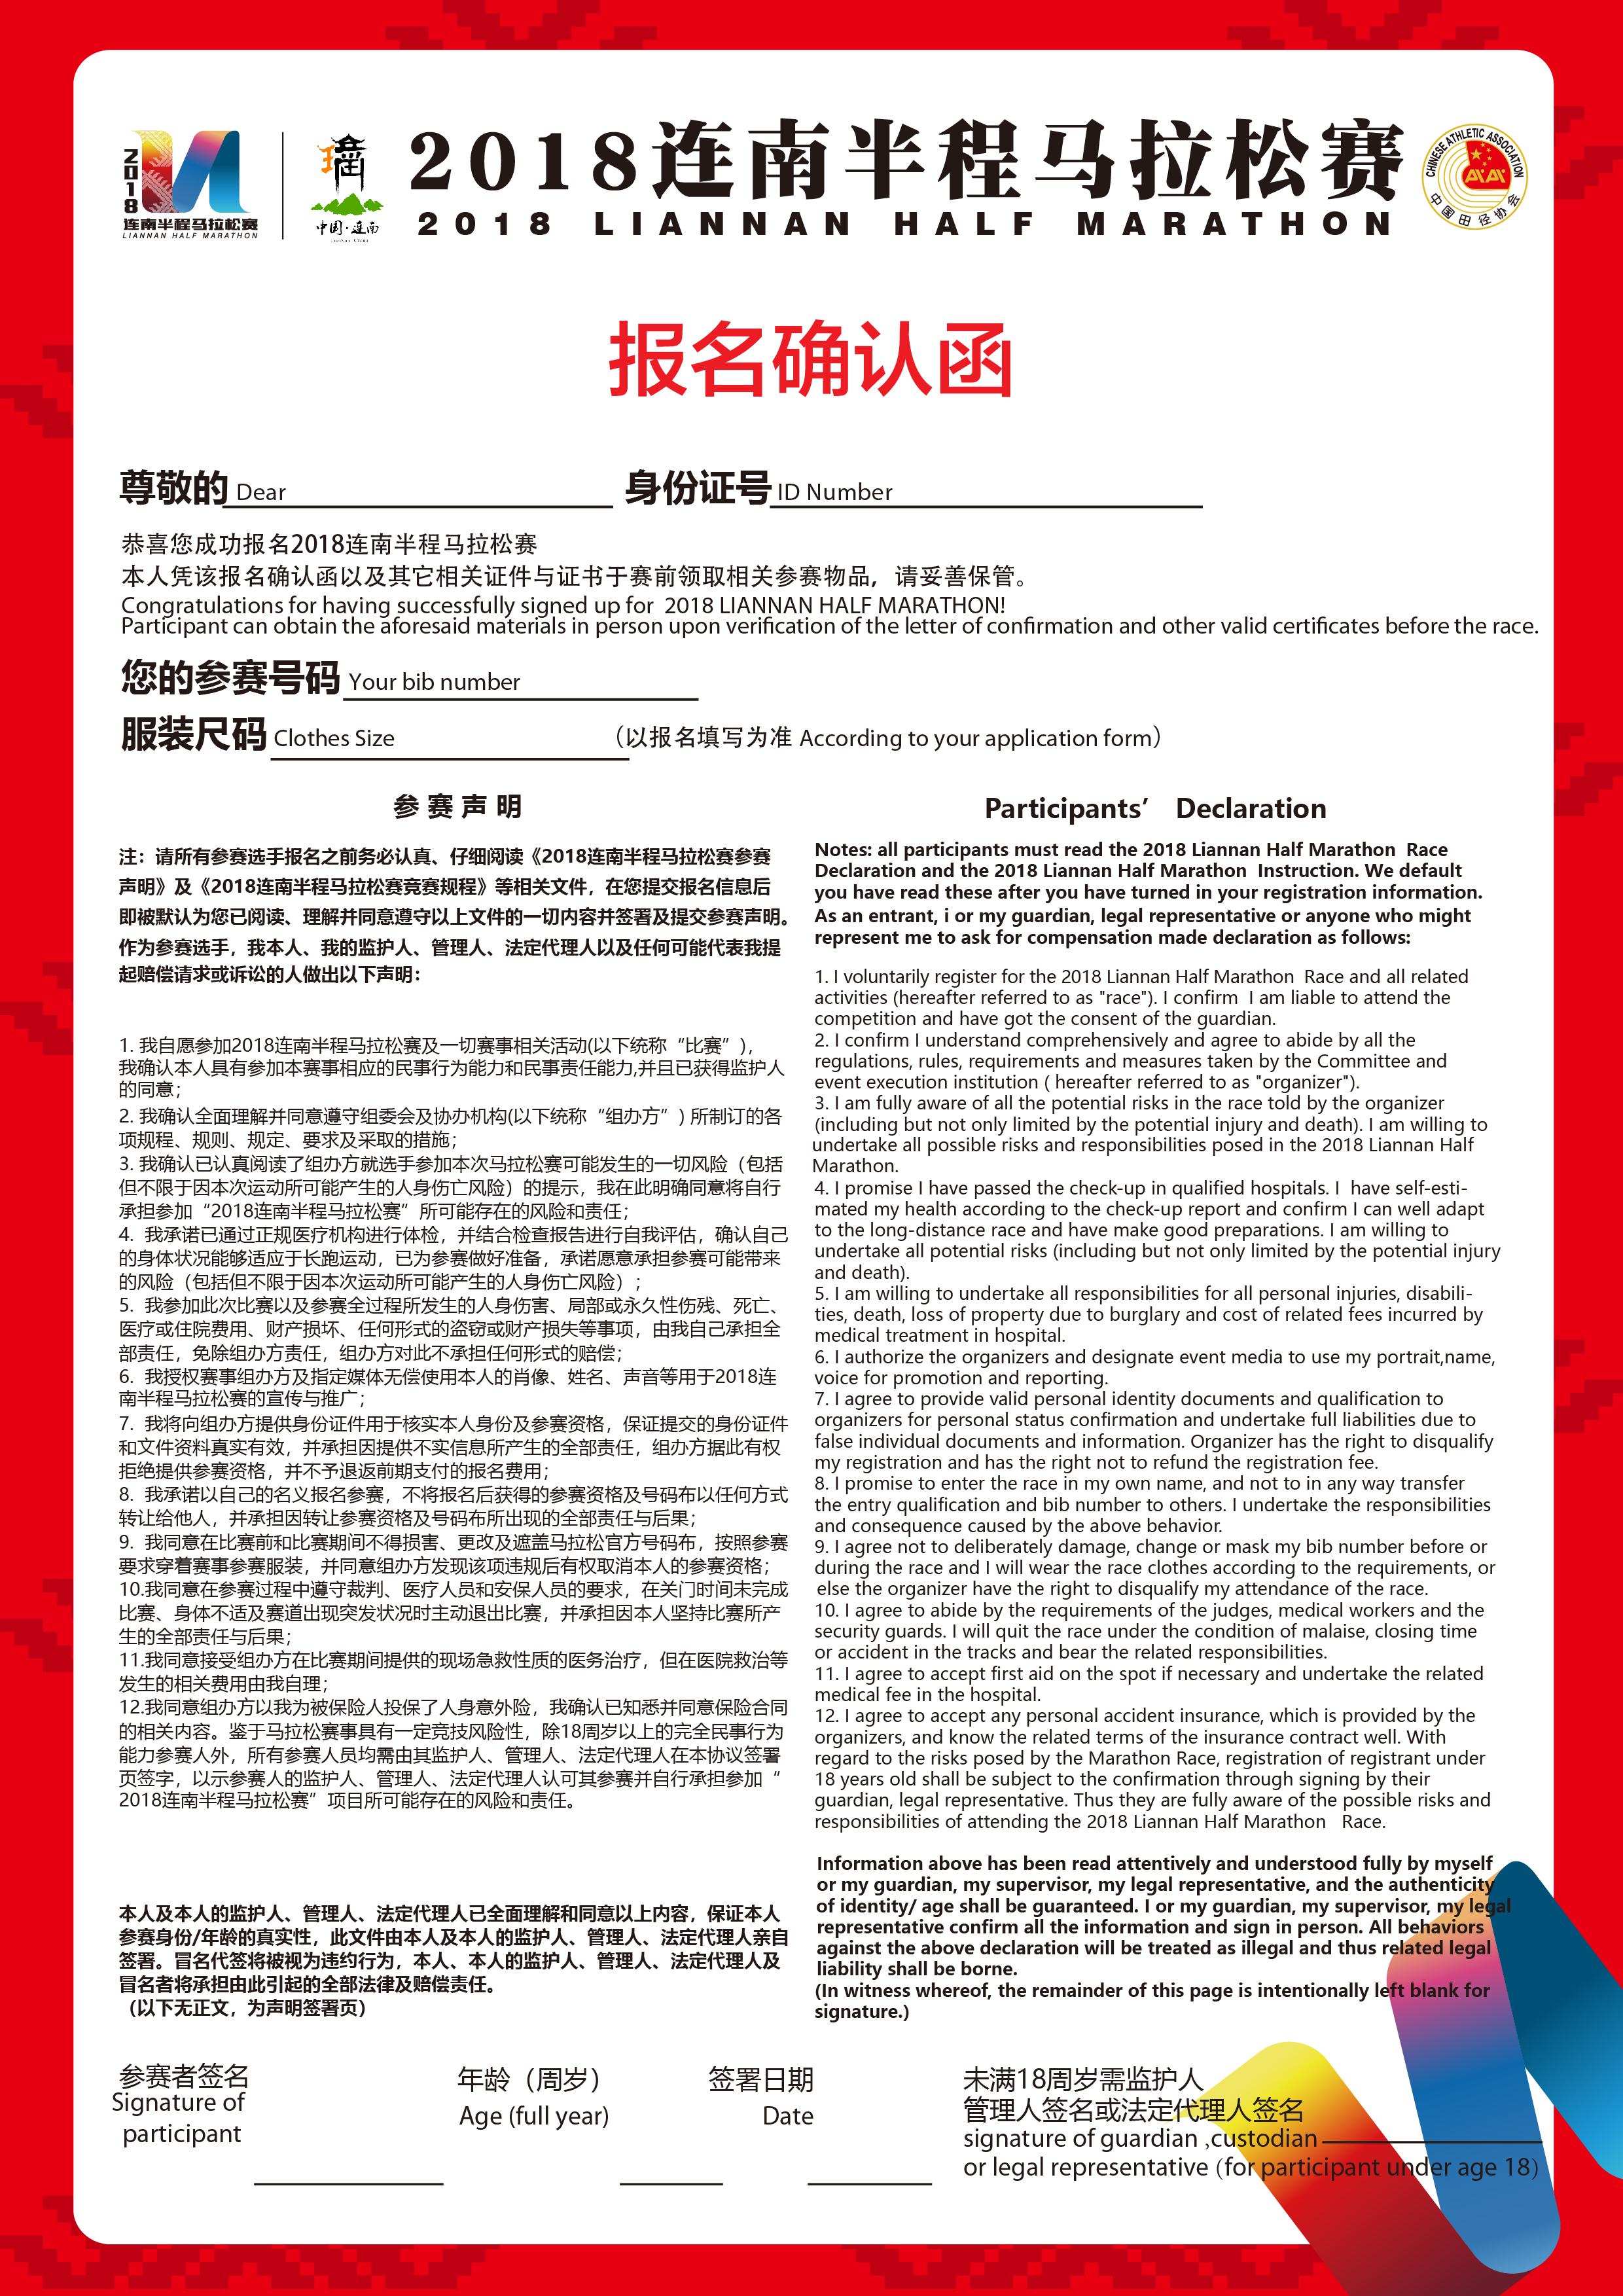 http://img.sport-china.cn/180429105ae52db242e2b.jpeg